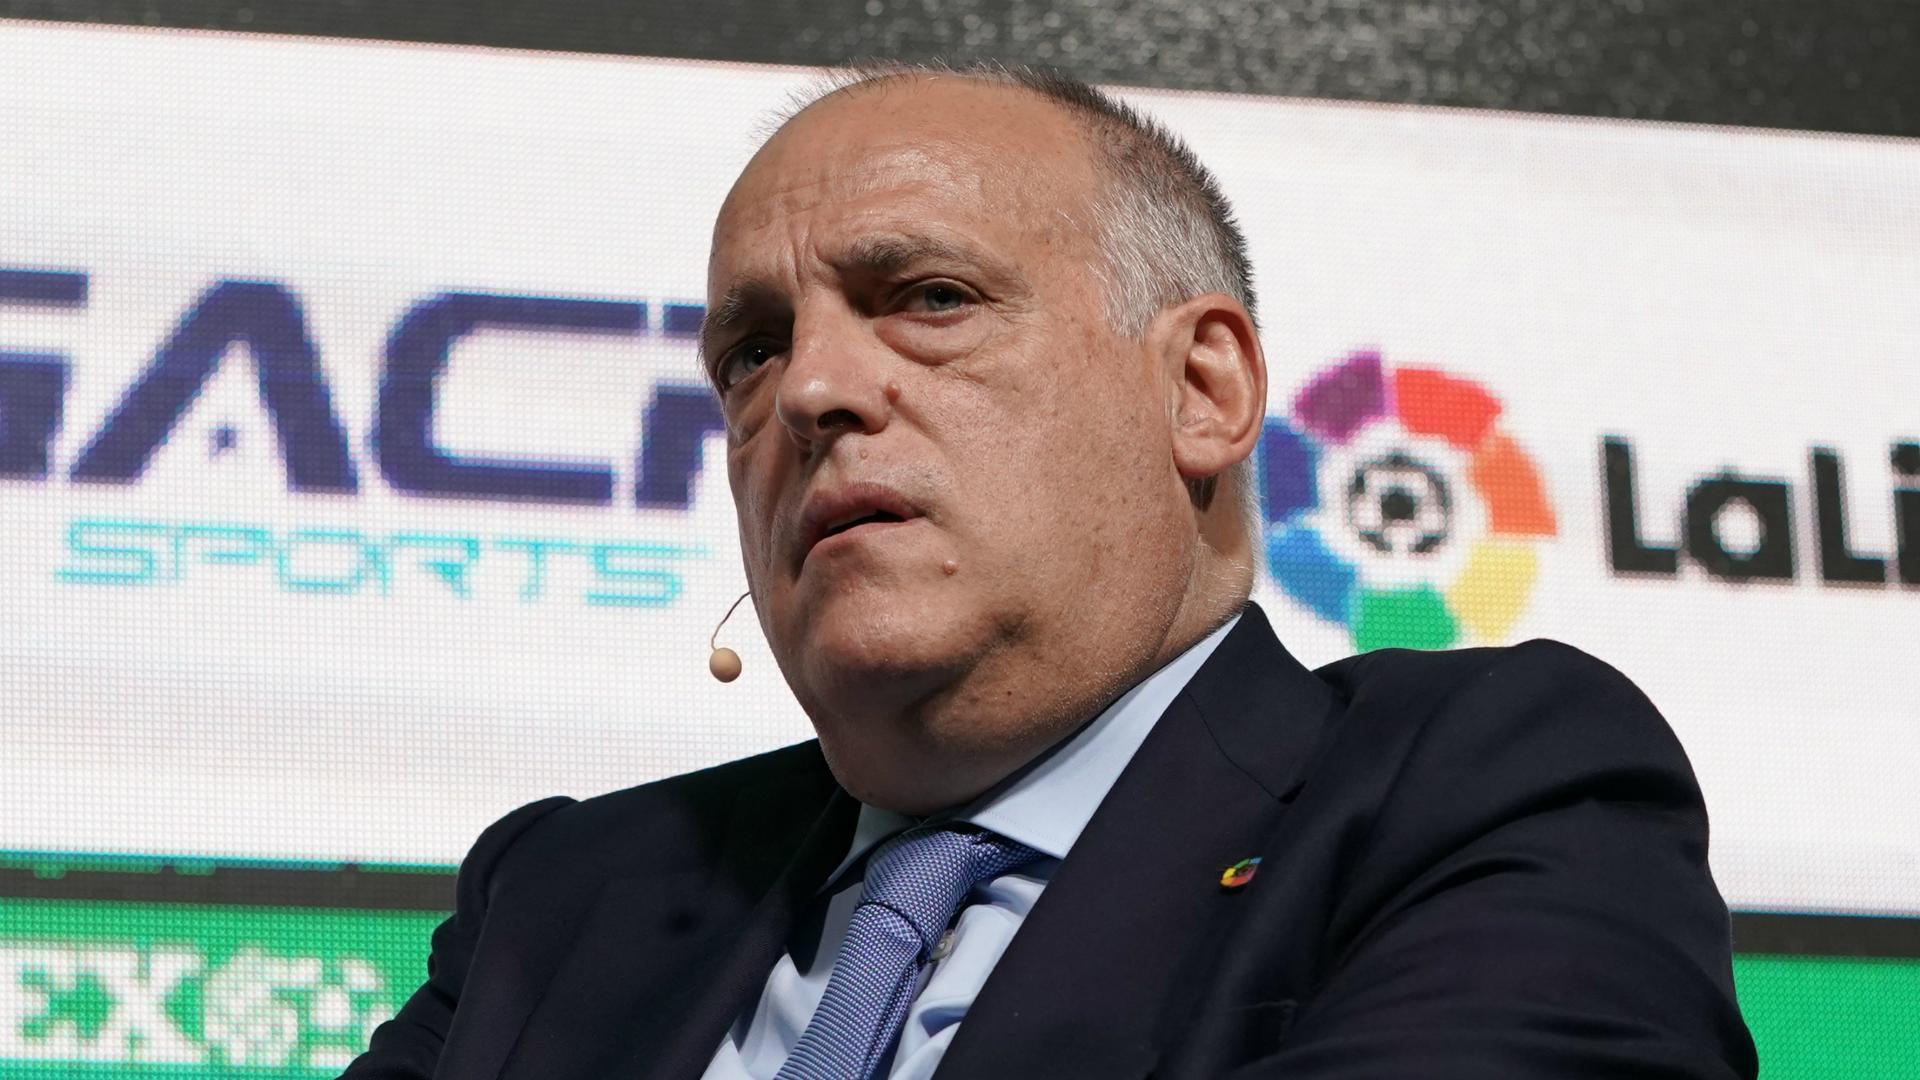 Fuenlabrada deny making Segunda Division play-off 'sacrifice' after LaLiga statement